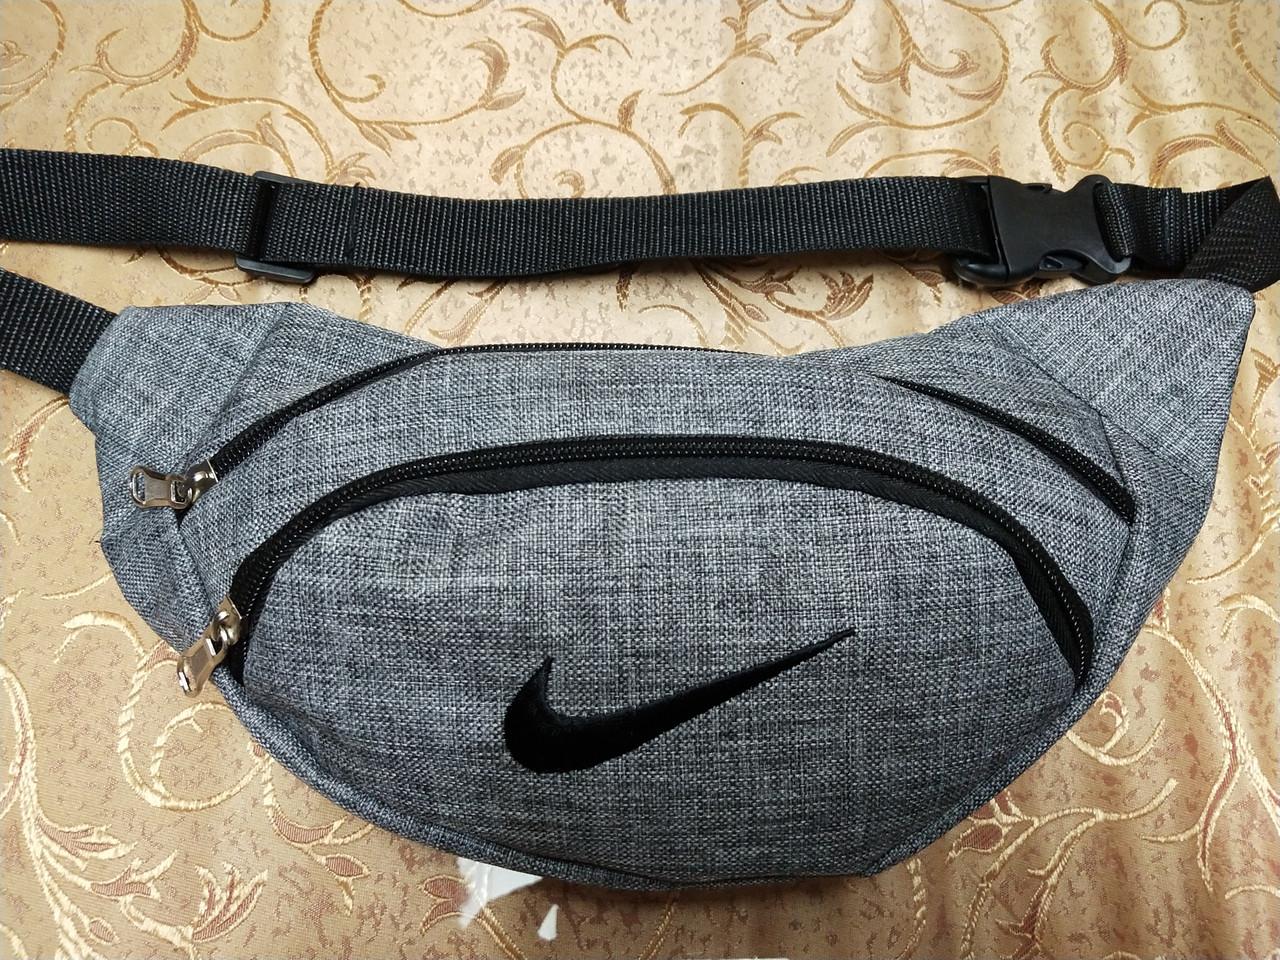 Сумка на пояс nike ткань мессенджер pvc спортивные барсетки сумка бананка только опт